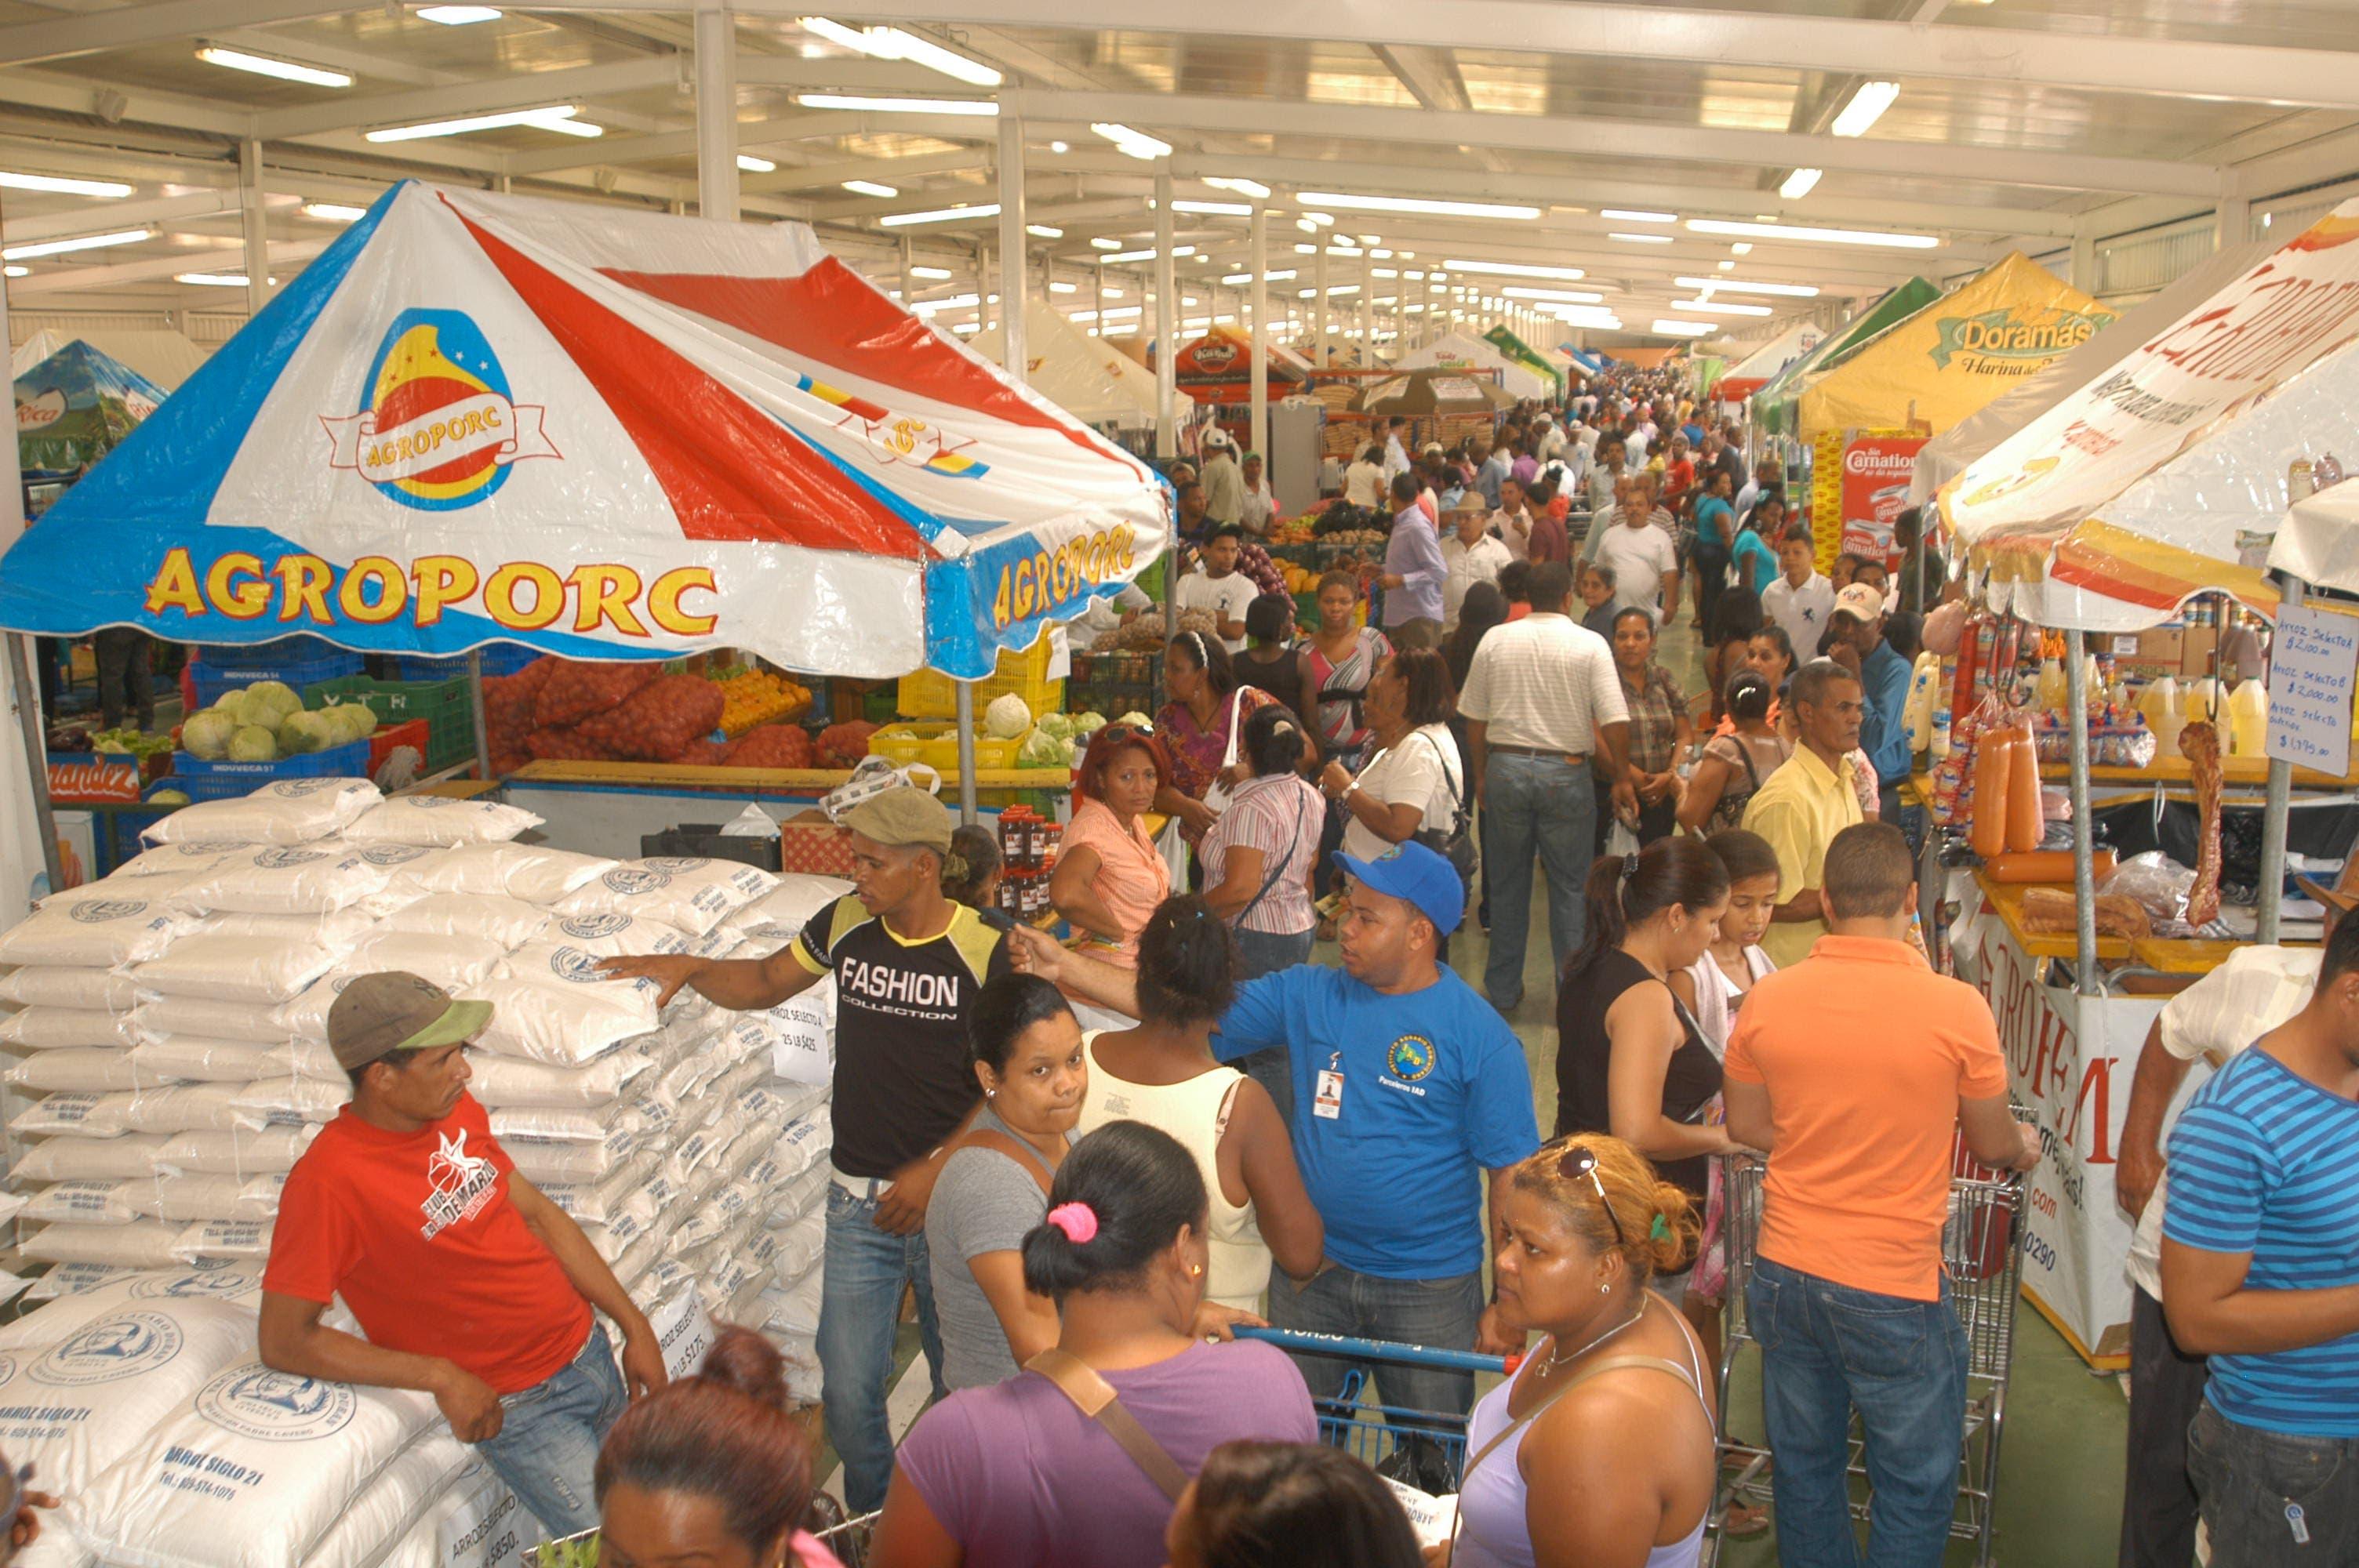 Bajas tasas de interés y alta tecnología atraen visitantes Expo Merca